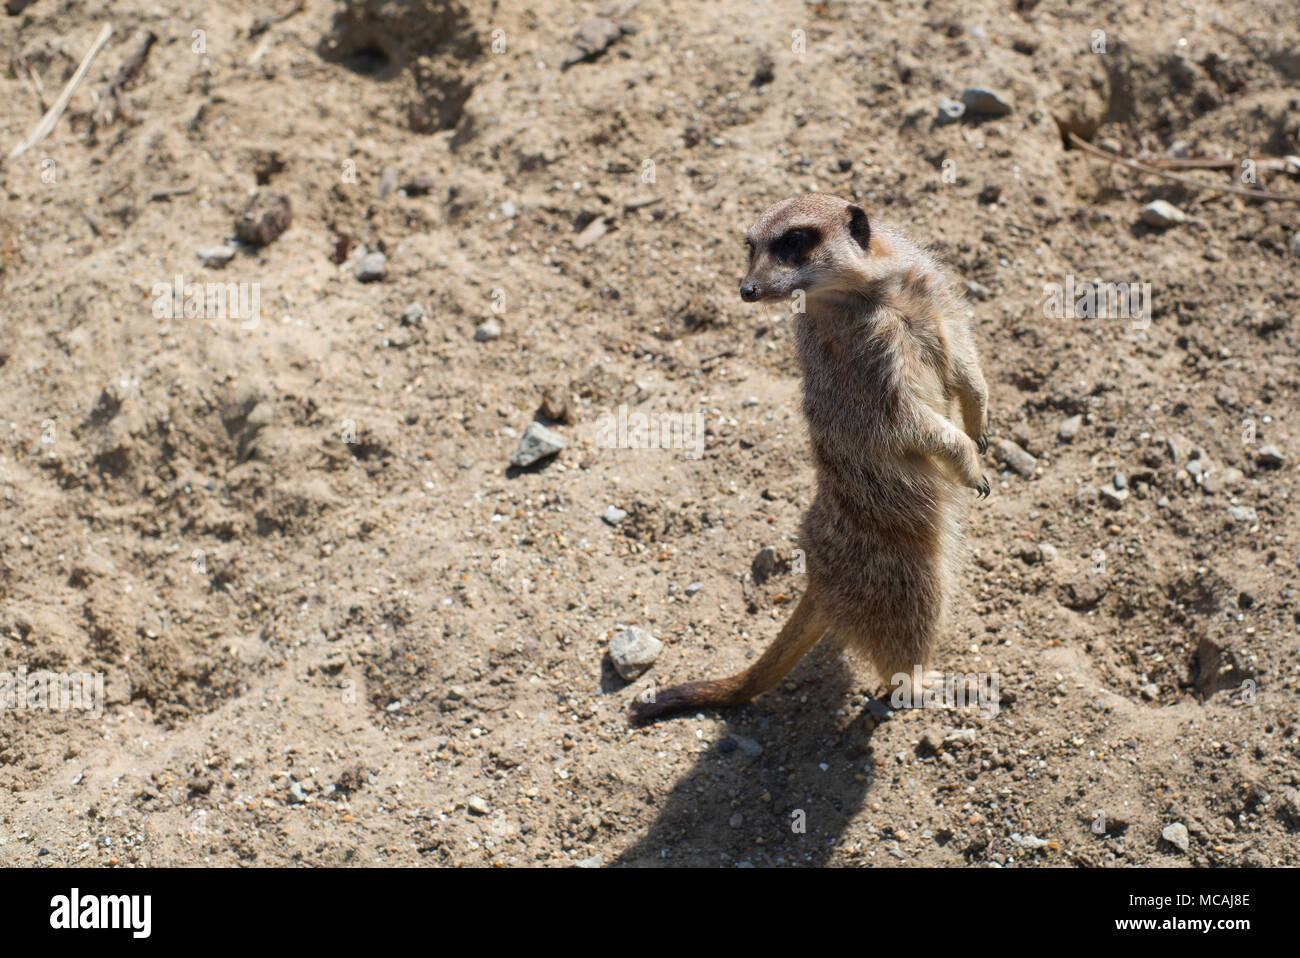 Meerkat in the desert - Stock Image